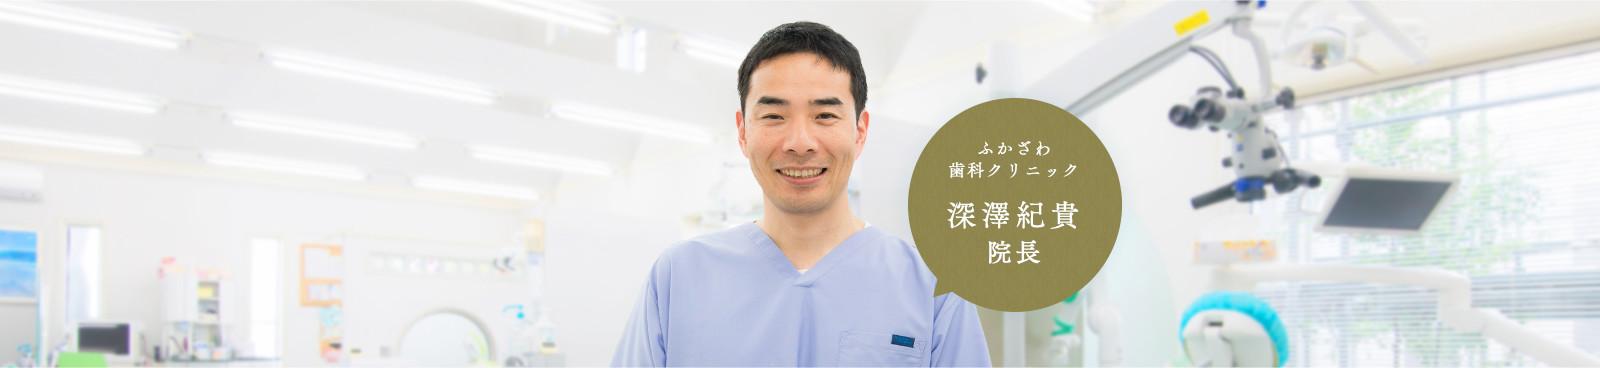 ふかざわ歯科クリニック深澤紀尊院長